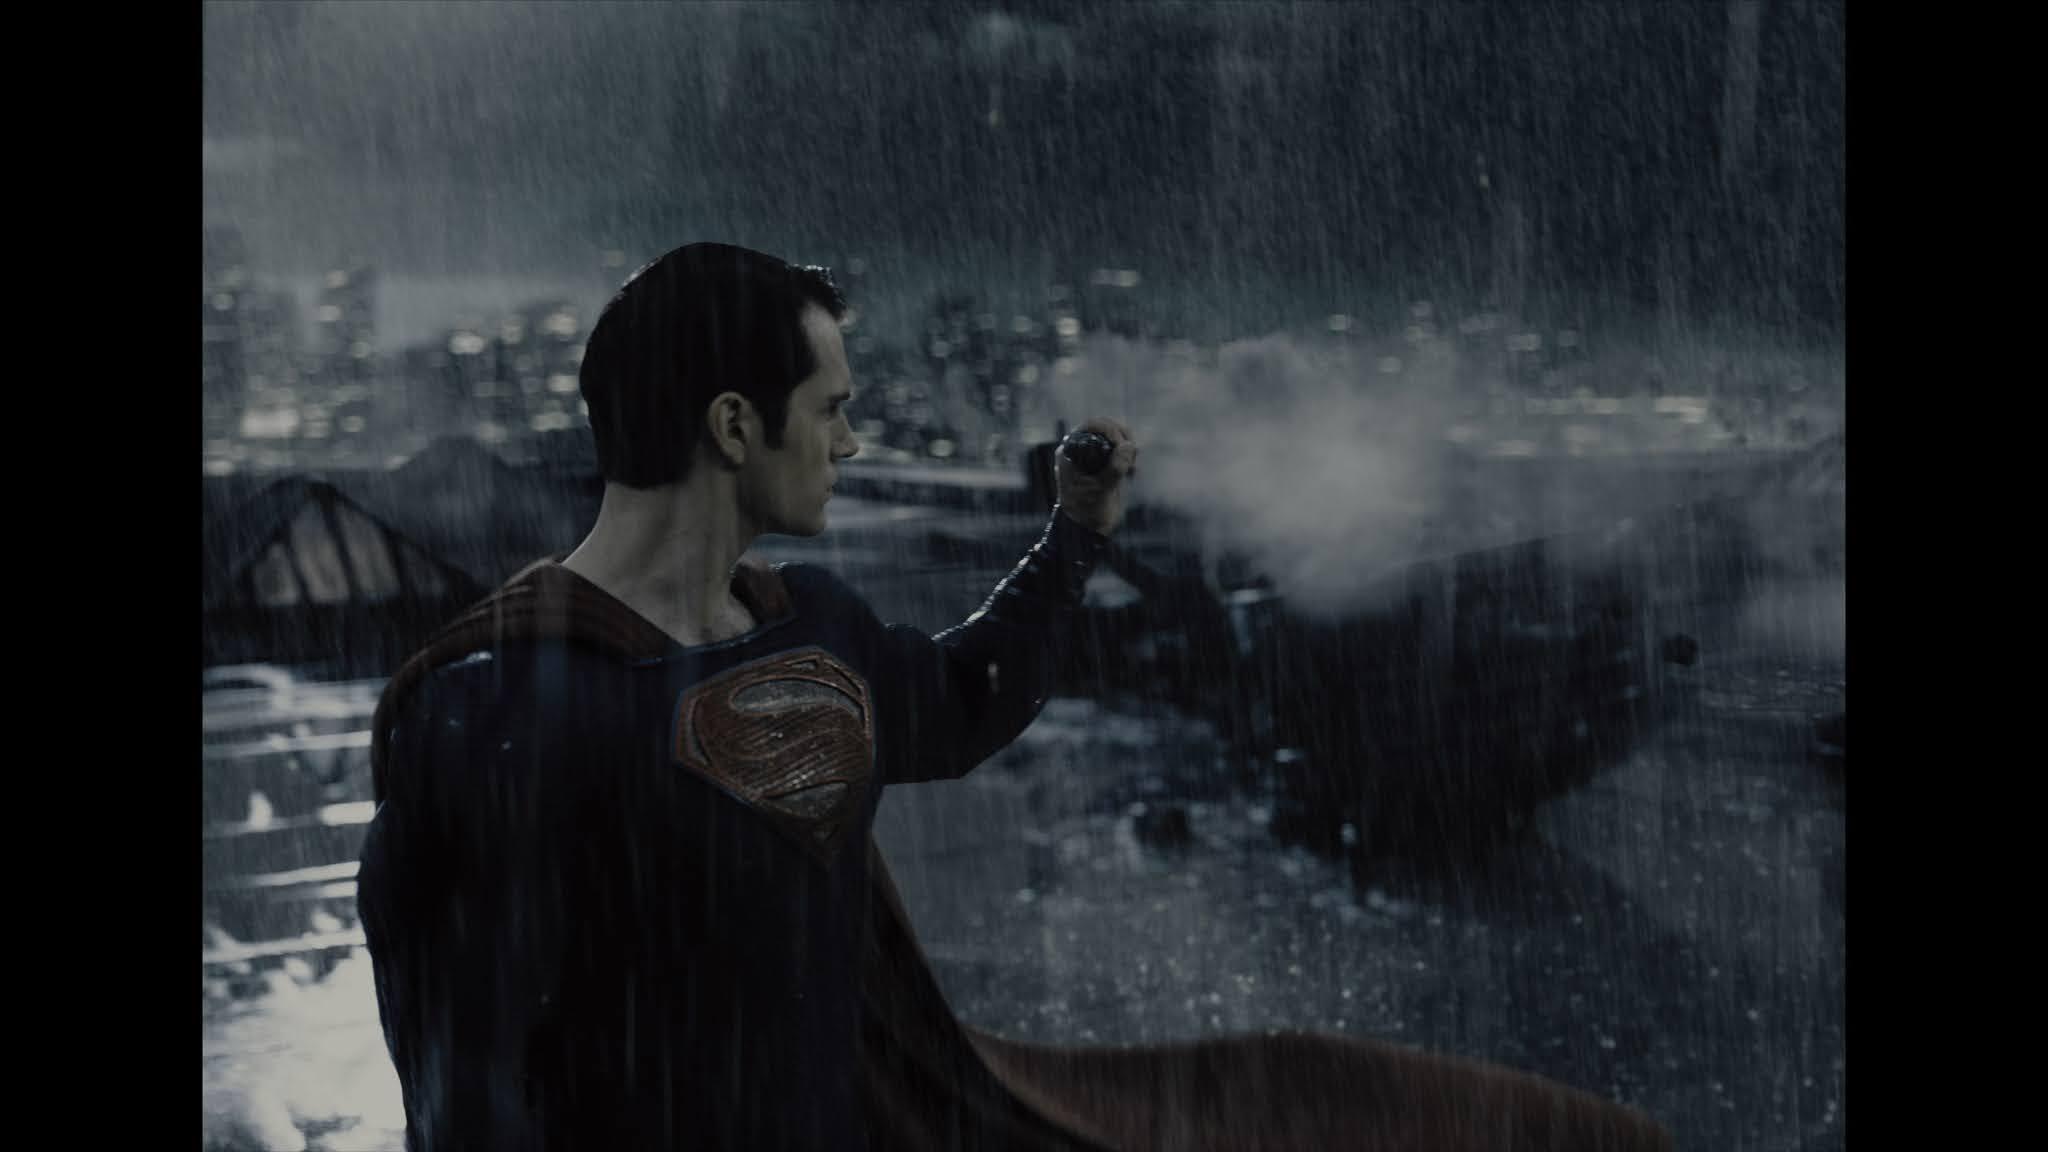 Batman vs Superman: El origen de la justicia (2016) Extended Cut (Ultimate Edition)(Remastered) IMAX 4K BDRip HDR Latino